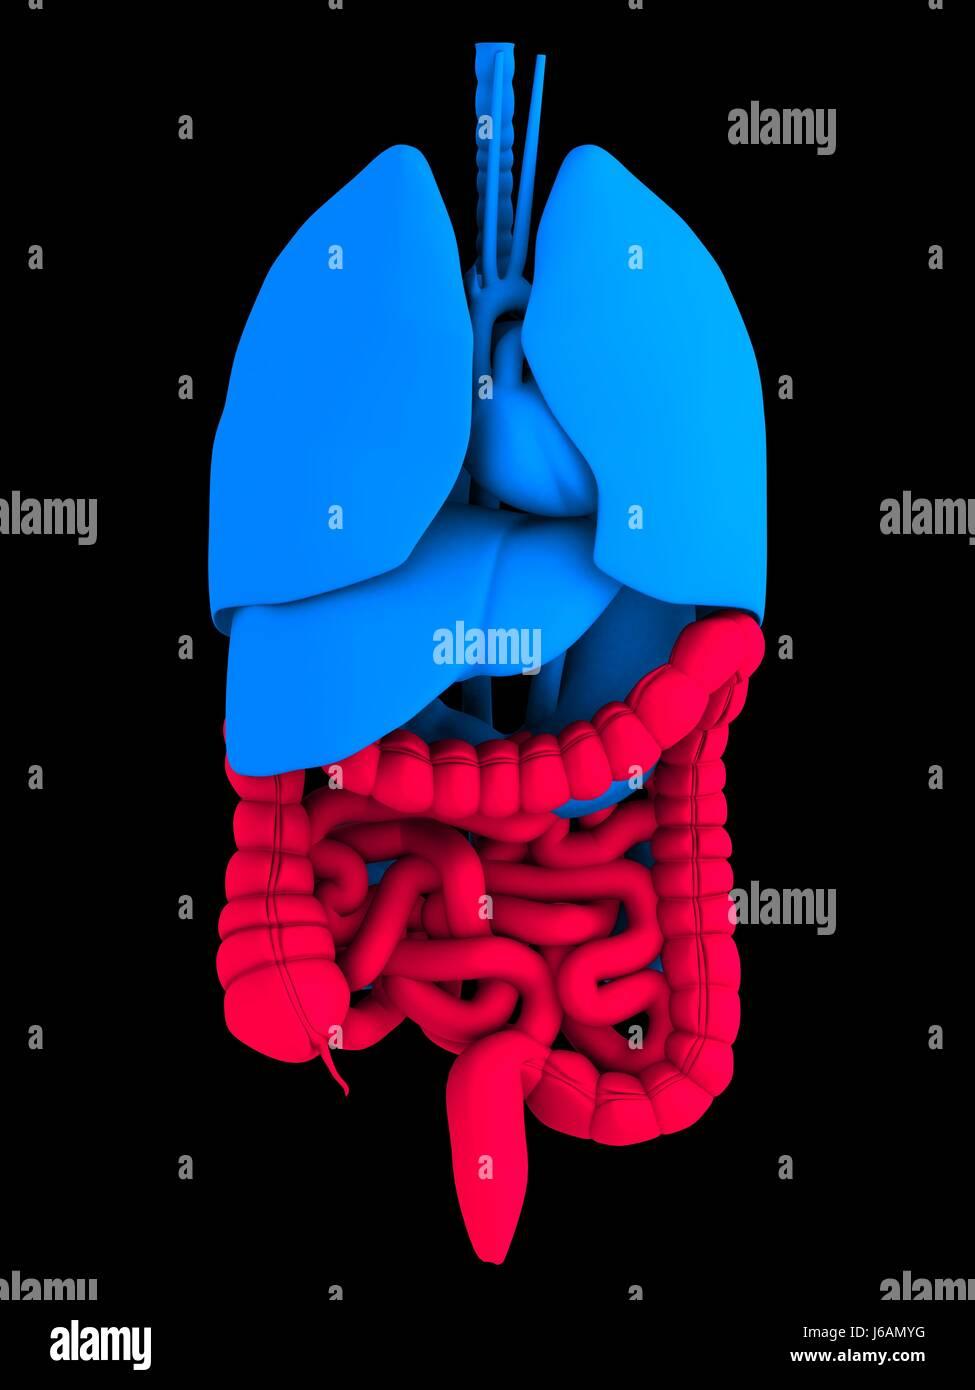 medizinisch medizinische Anatomie Darm Körper Doppelpunkt Gesundheit ...